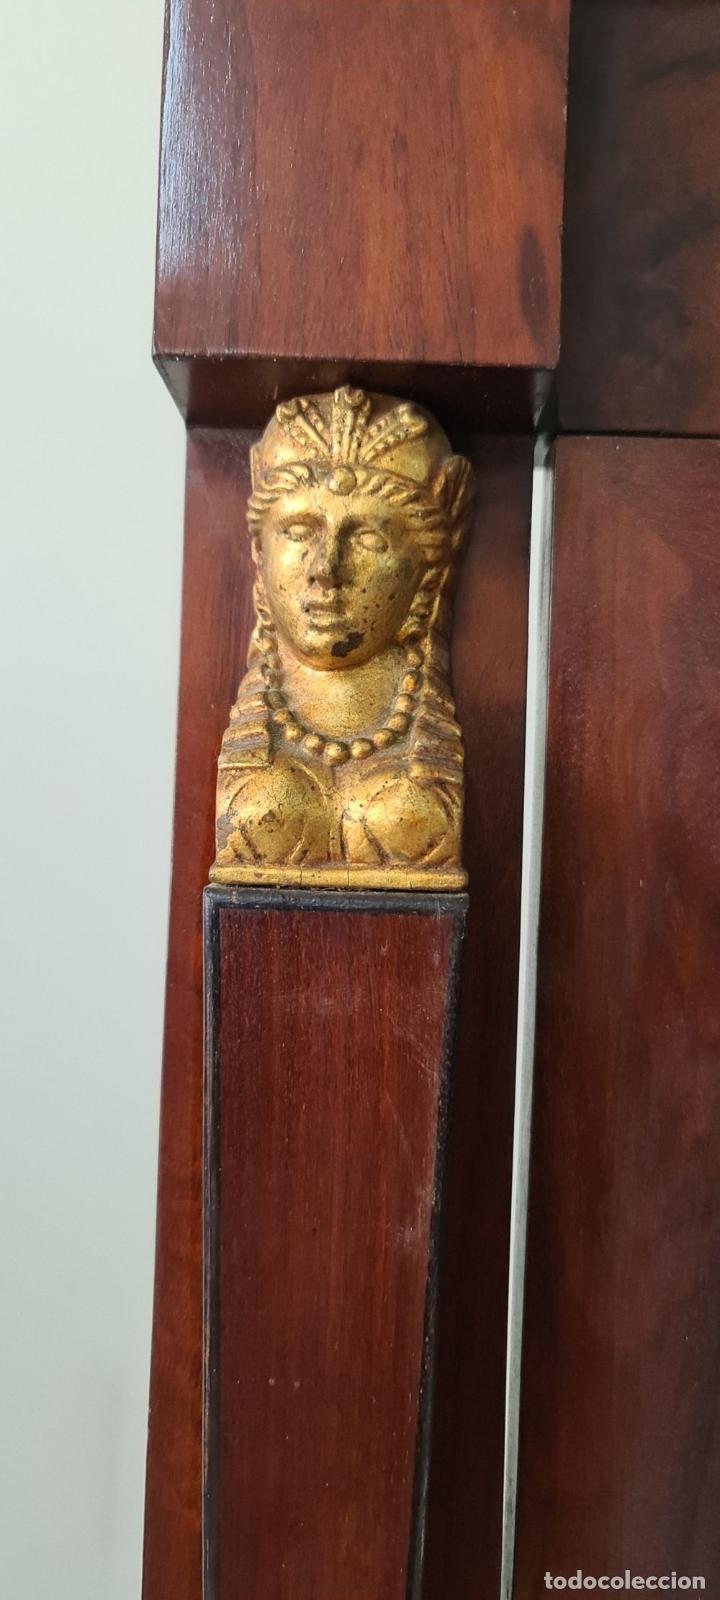 Antigüedades: COMODA TOCADOR. MADERA DE CAOBA Y DORADOS. ESTILO DIRECTORIO. SOBRE DE MÁRMOL. SIGLO XVIII-XIX. - Foto 7 - 238726050